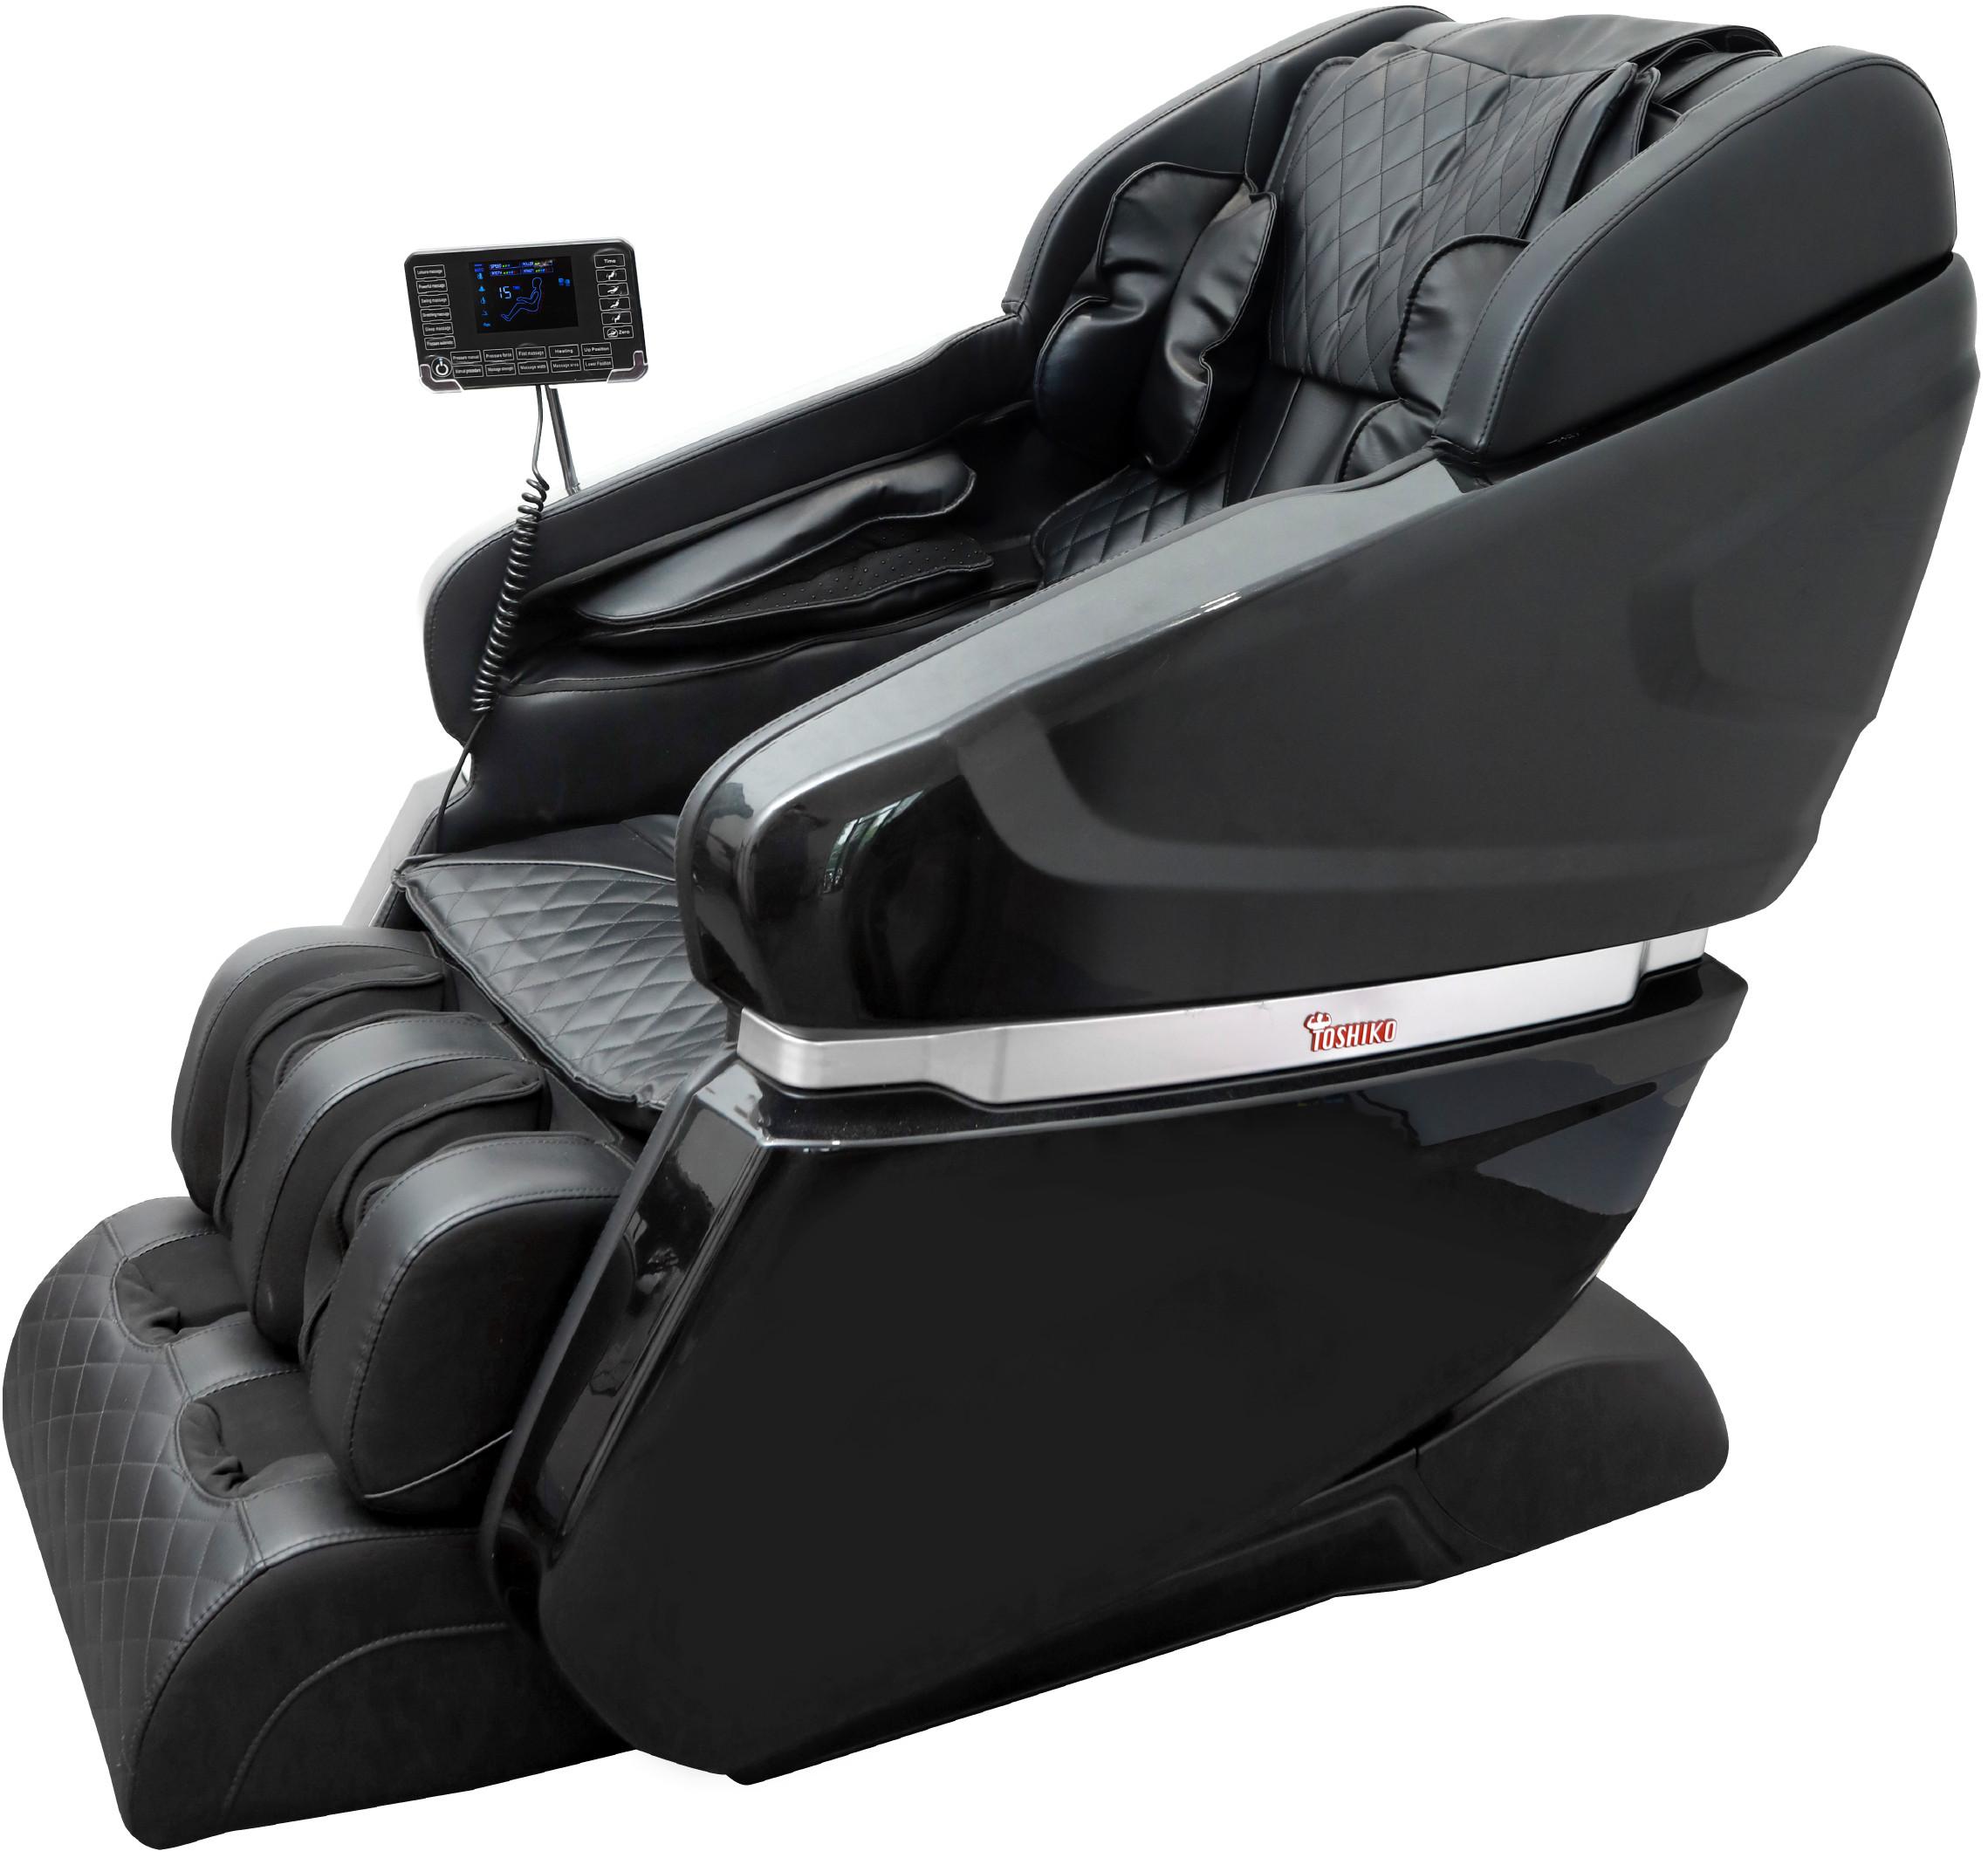 ghế massage có tốt không-1